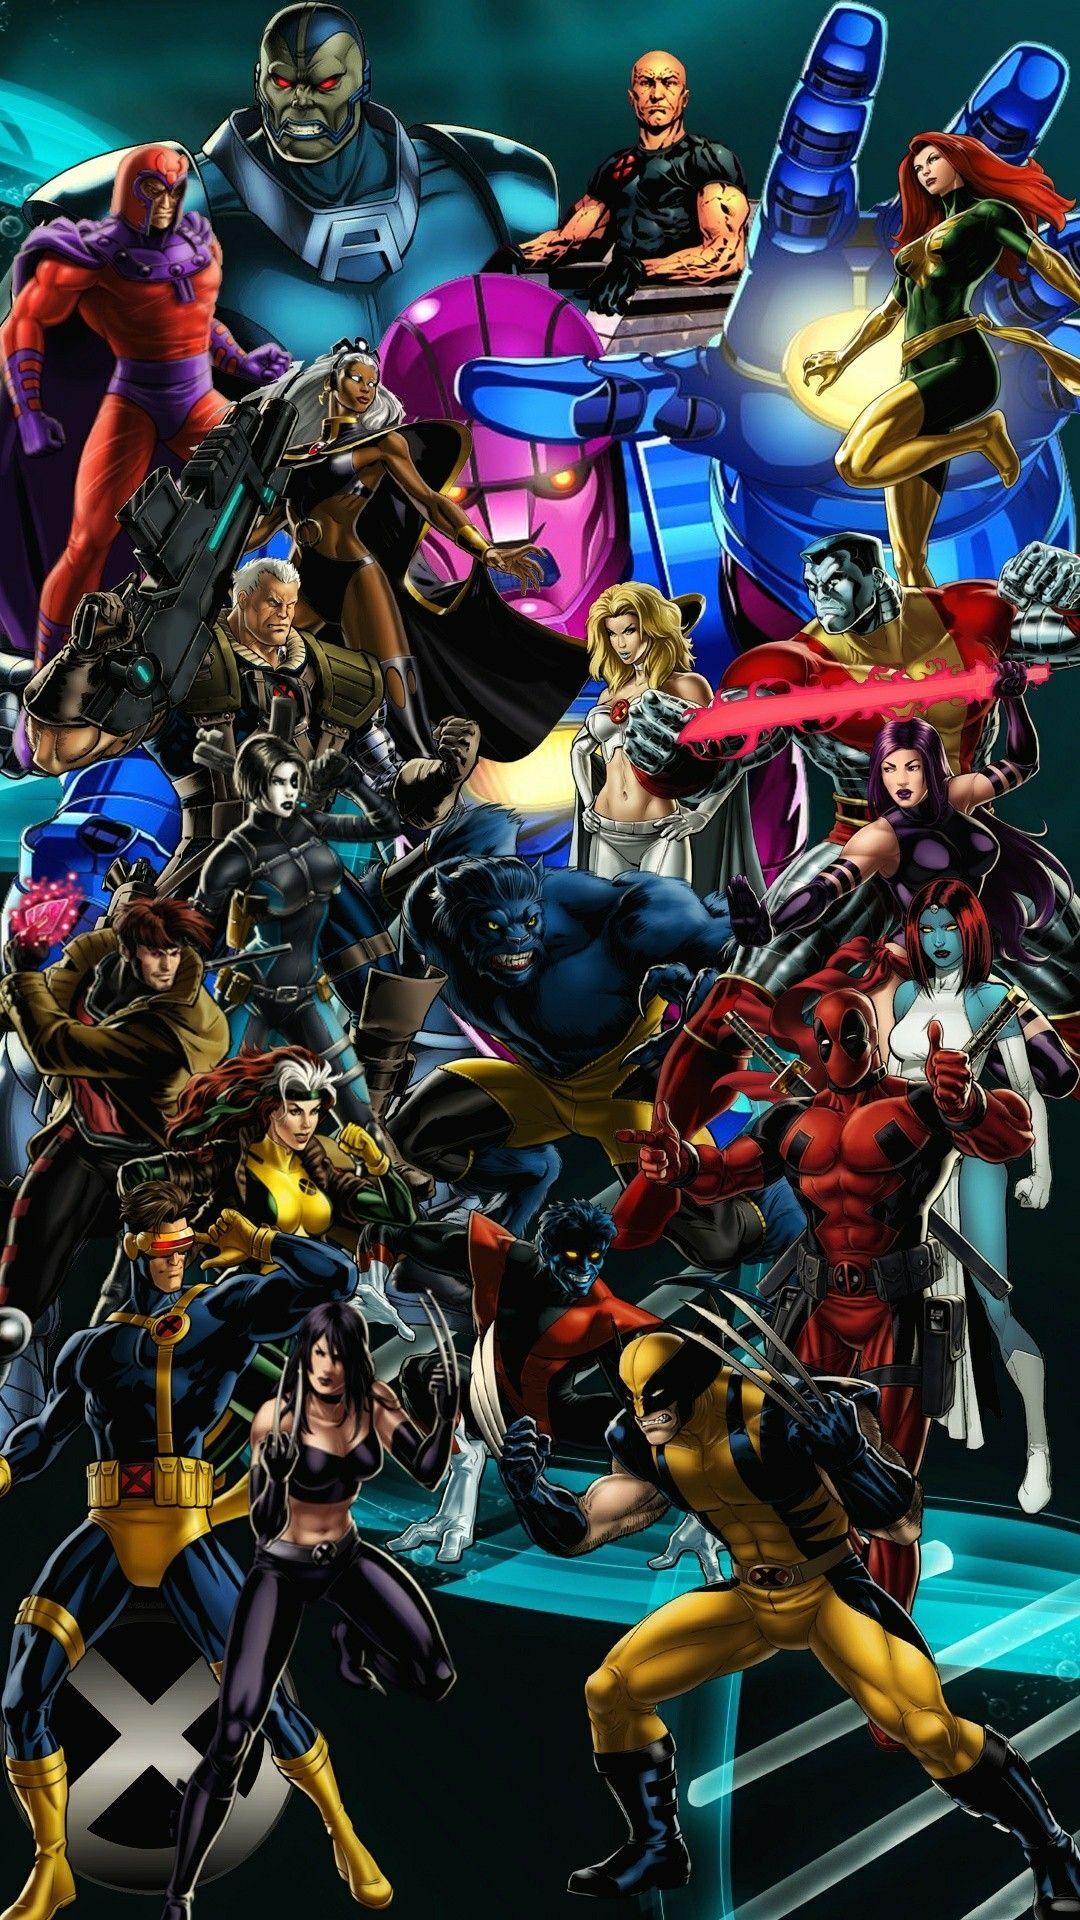 X Men Wallpaper For Smartphone | Geek | Marvel, Marvel comics, Comics